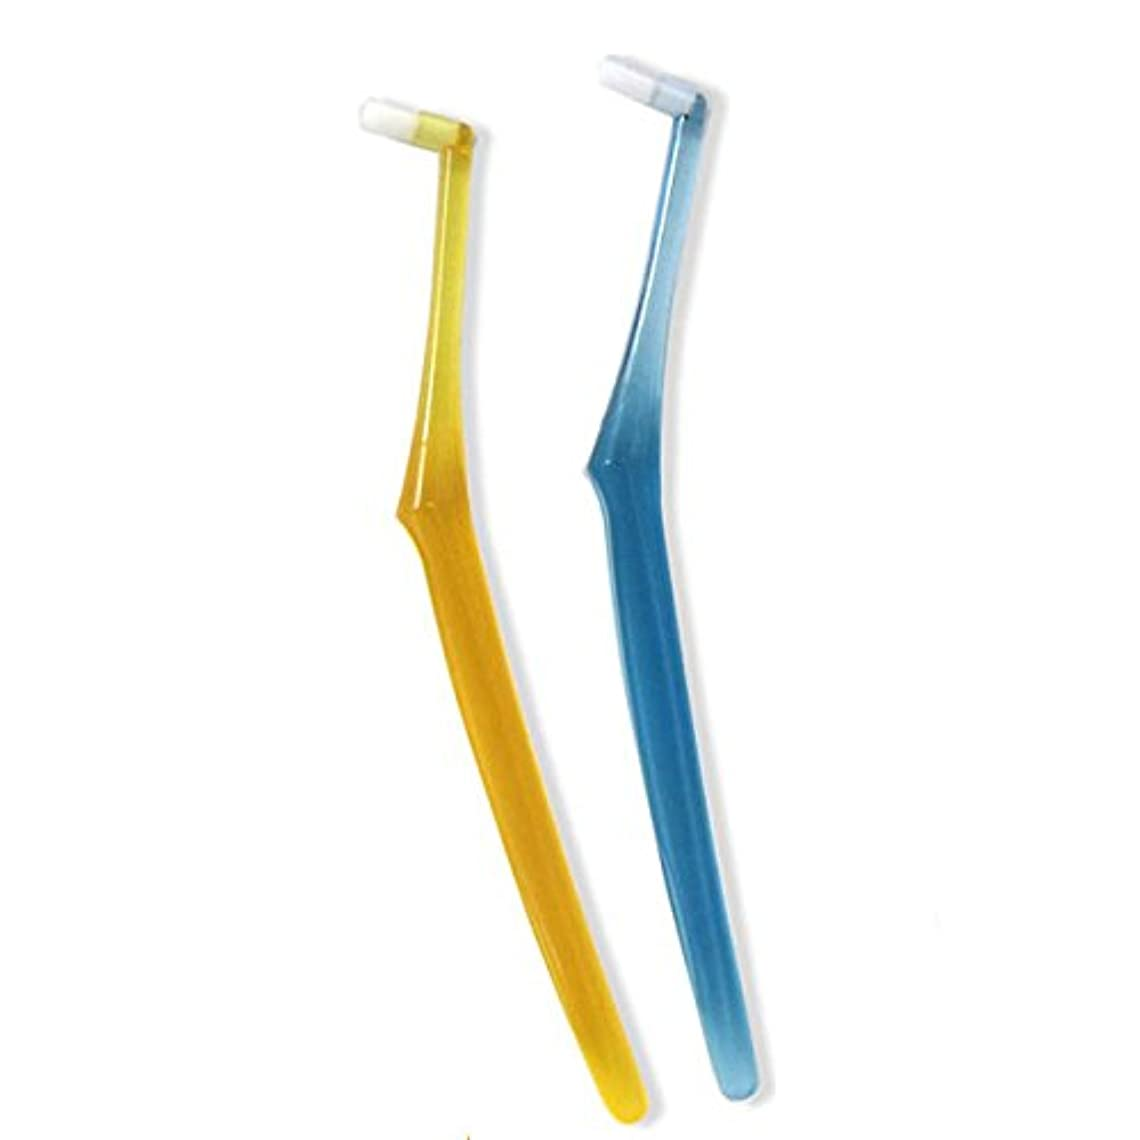 ポップ若さ談話1本【ワンタフト】オーラルケア インプロ インプラント専用 歯ブラシ (US(ウルトラソフト))